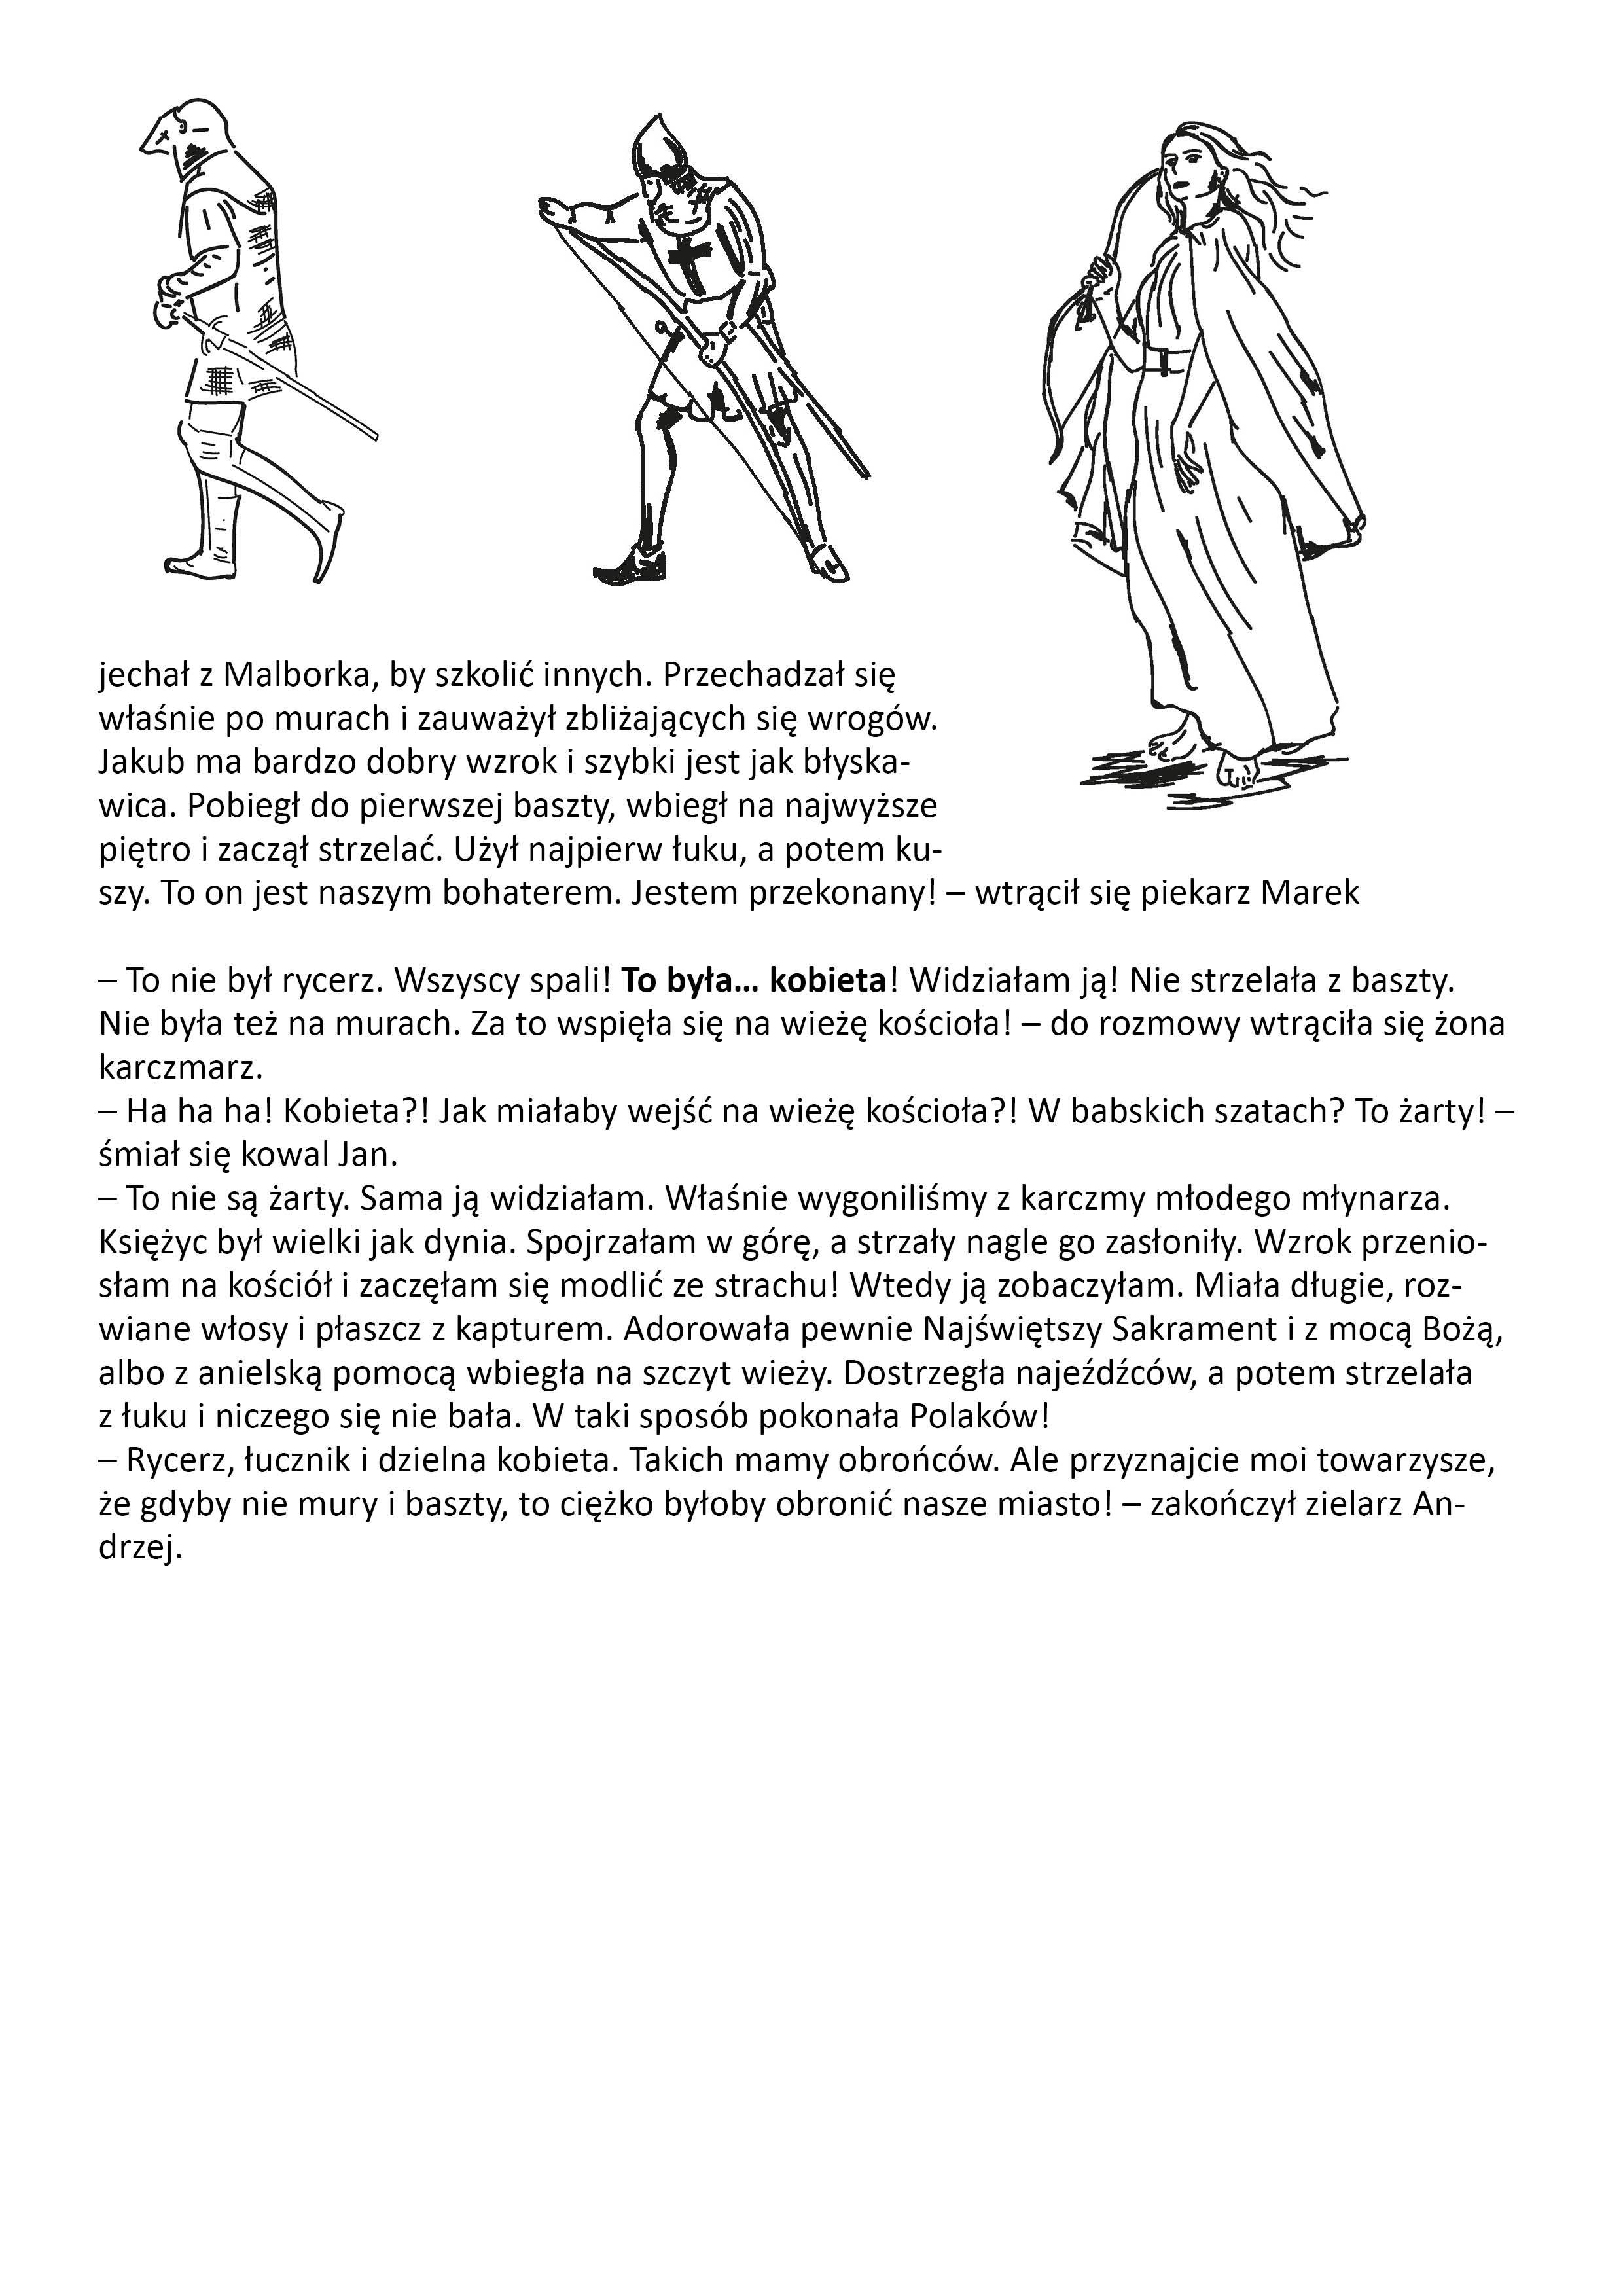 druga strona opowiadania w języku polskim